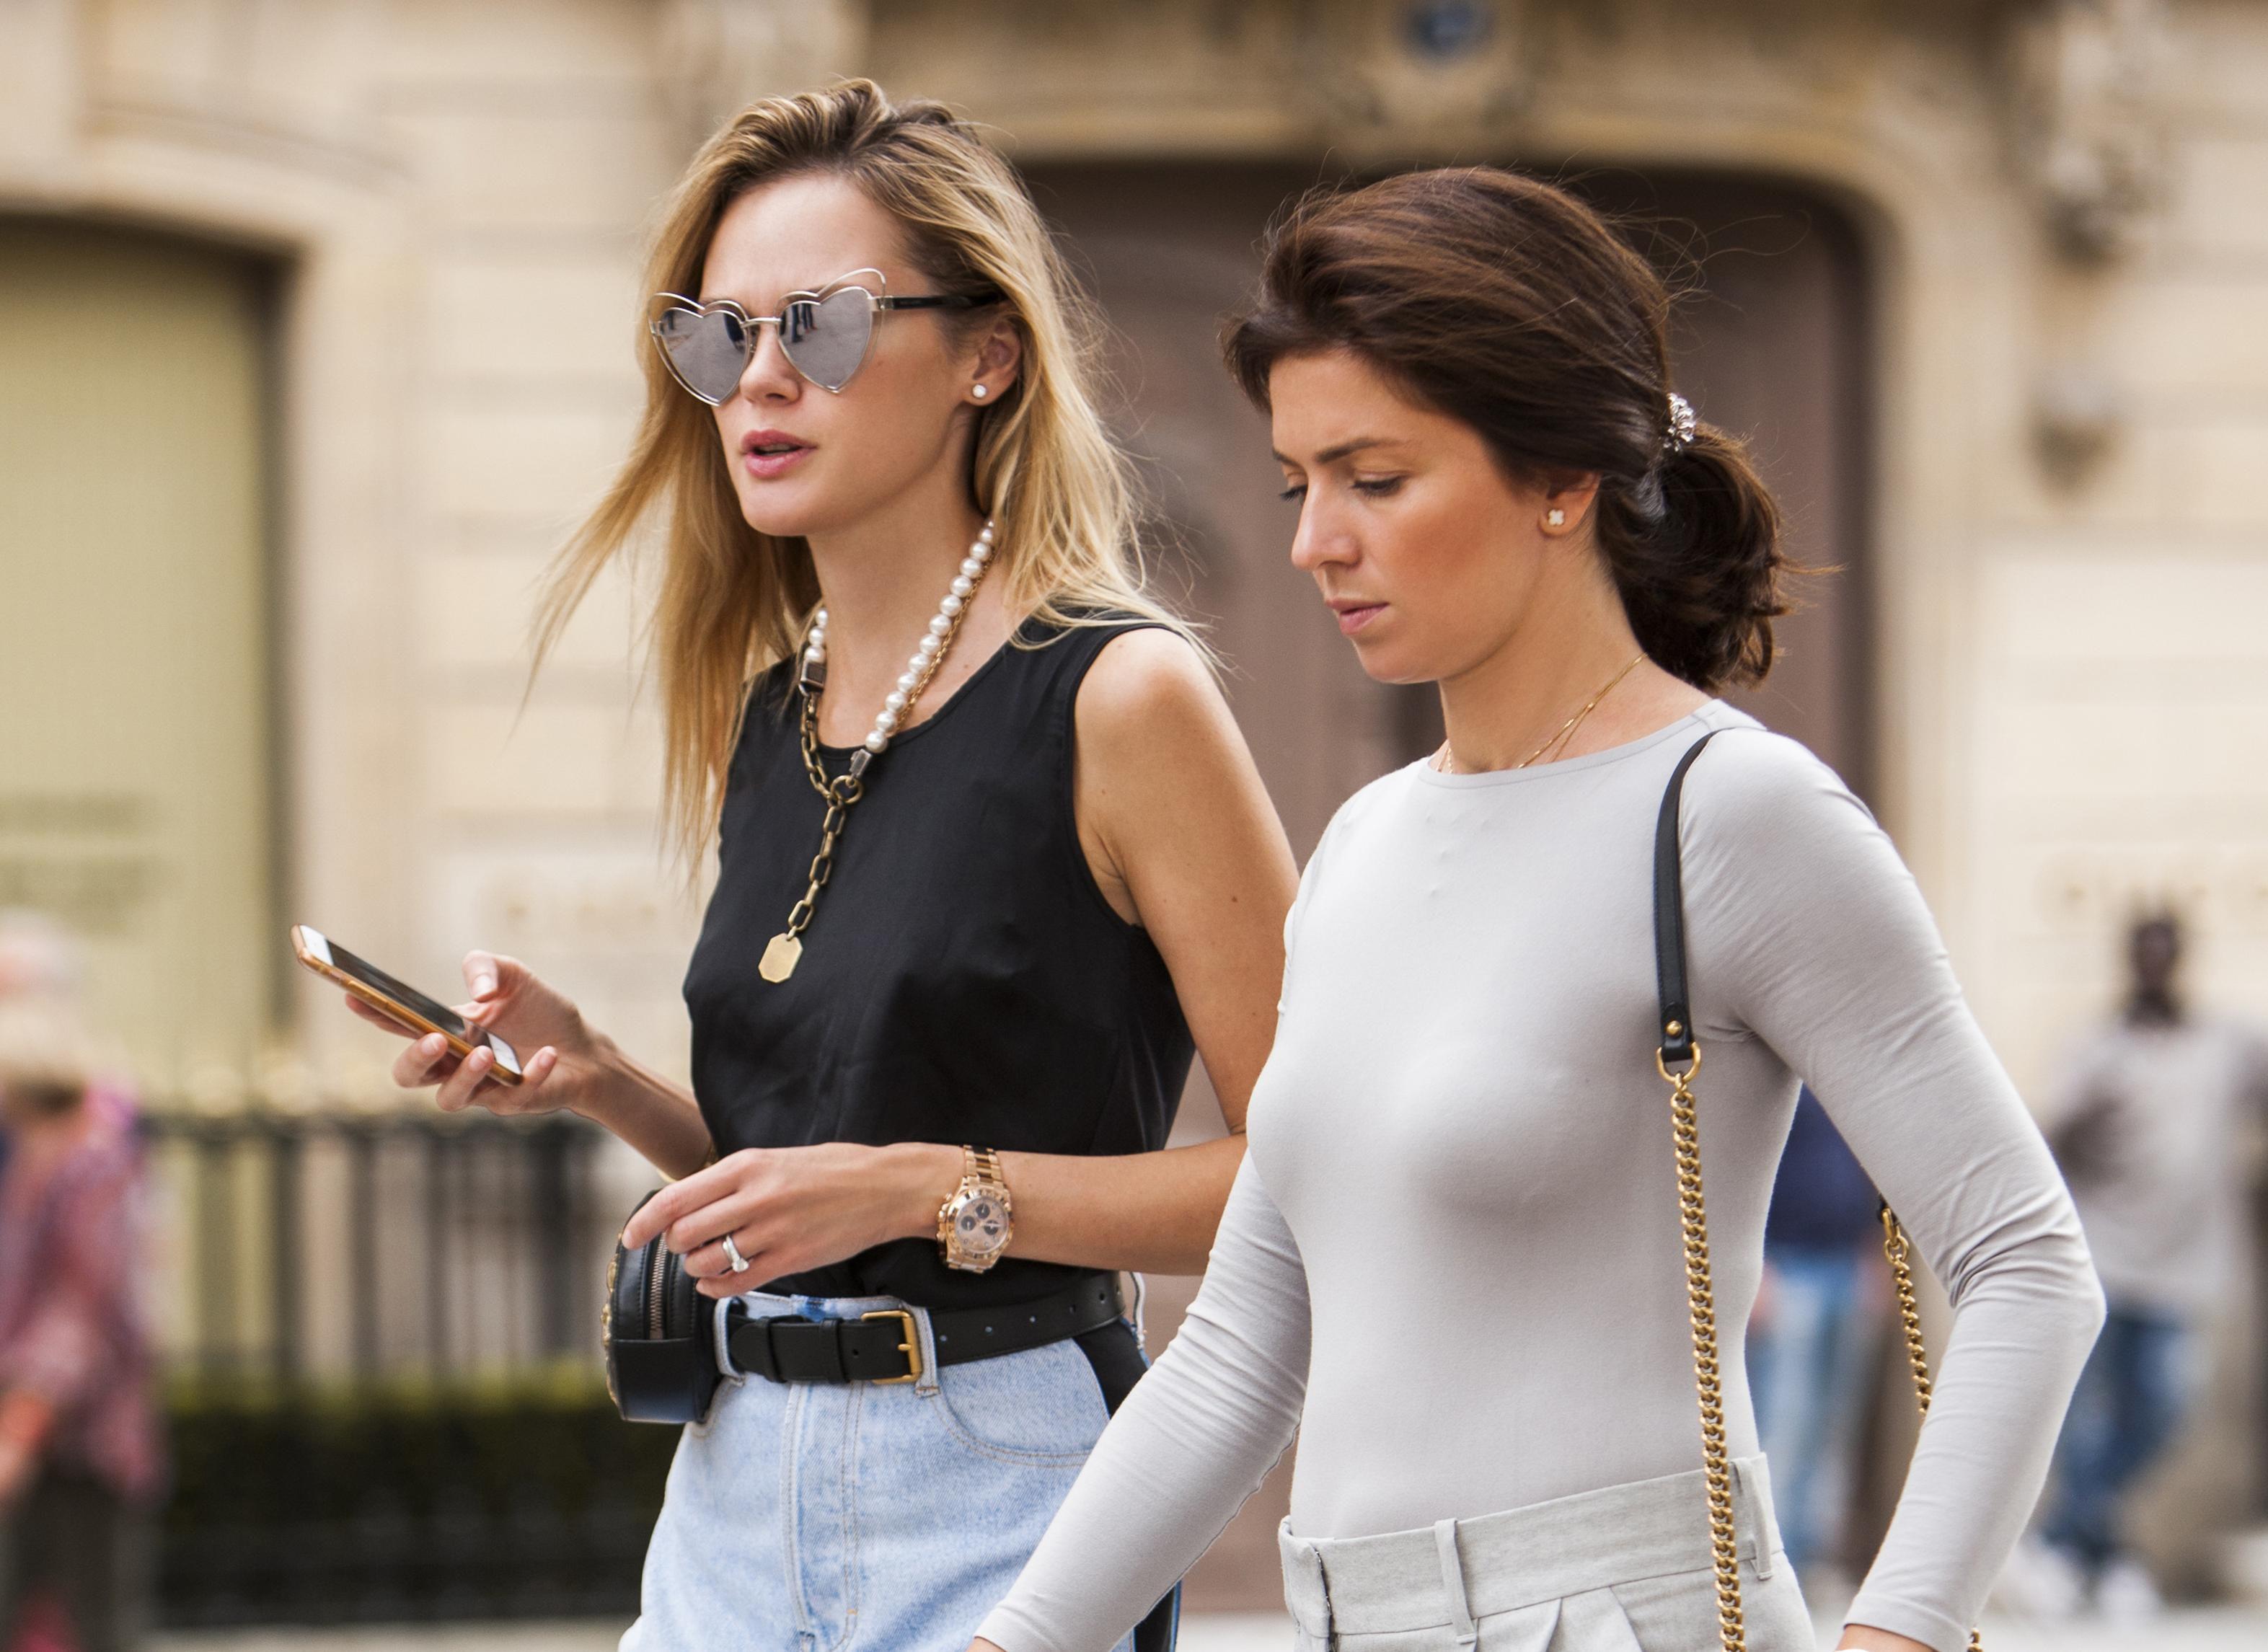 Zgodne & stylish: Ove prijateljice svima su očitale lekcije iz stila